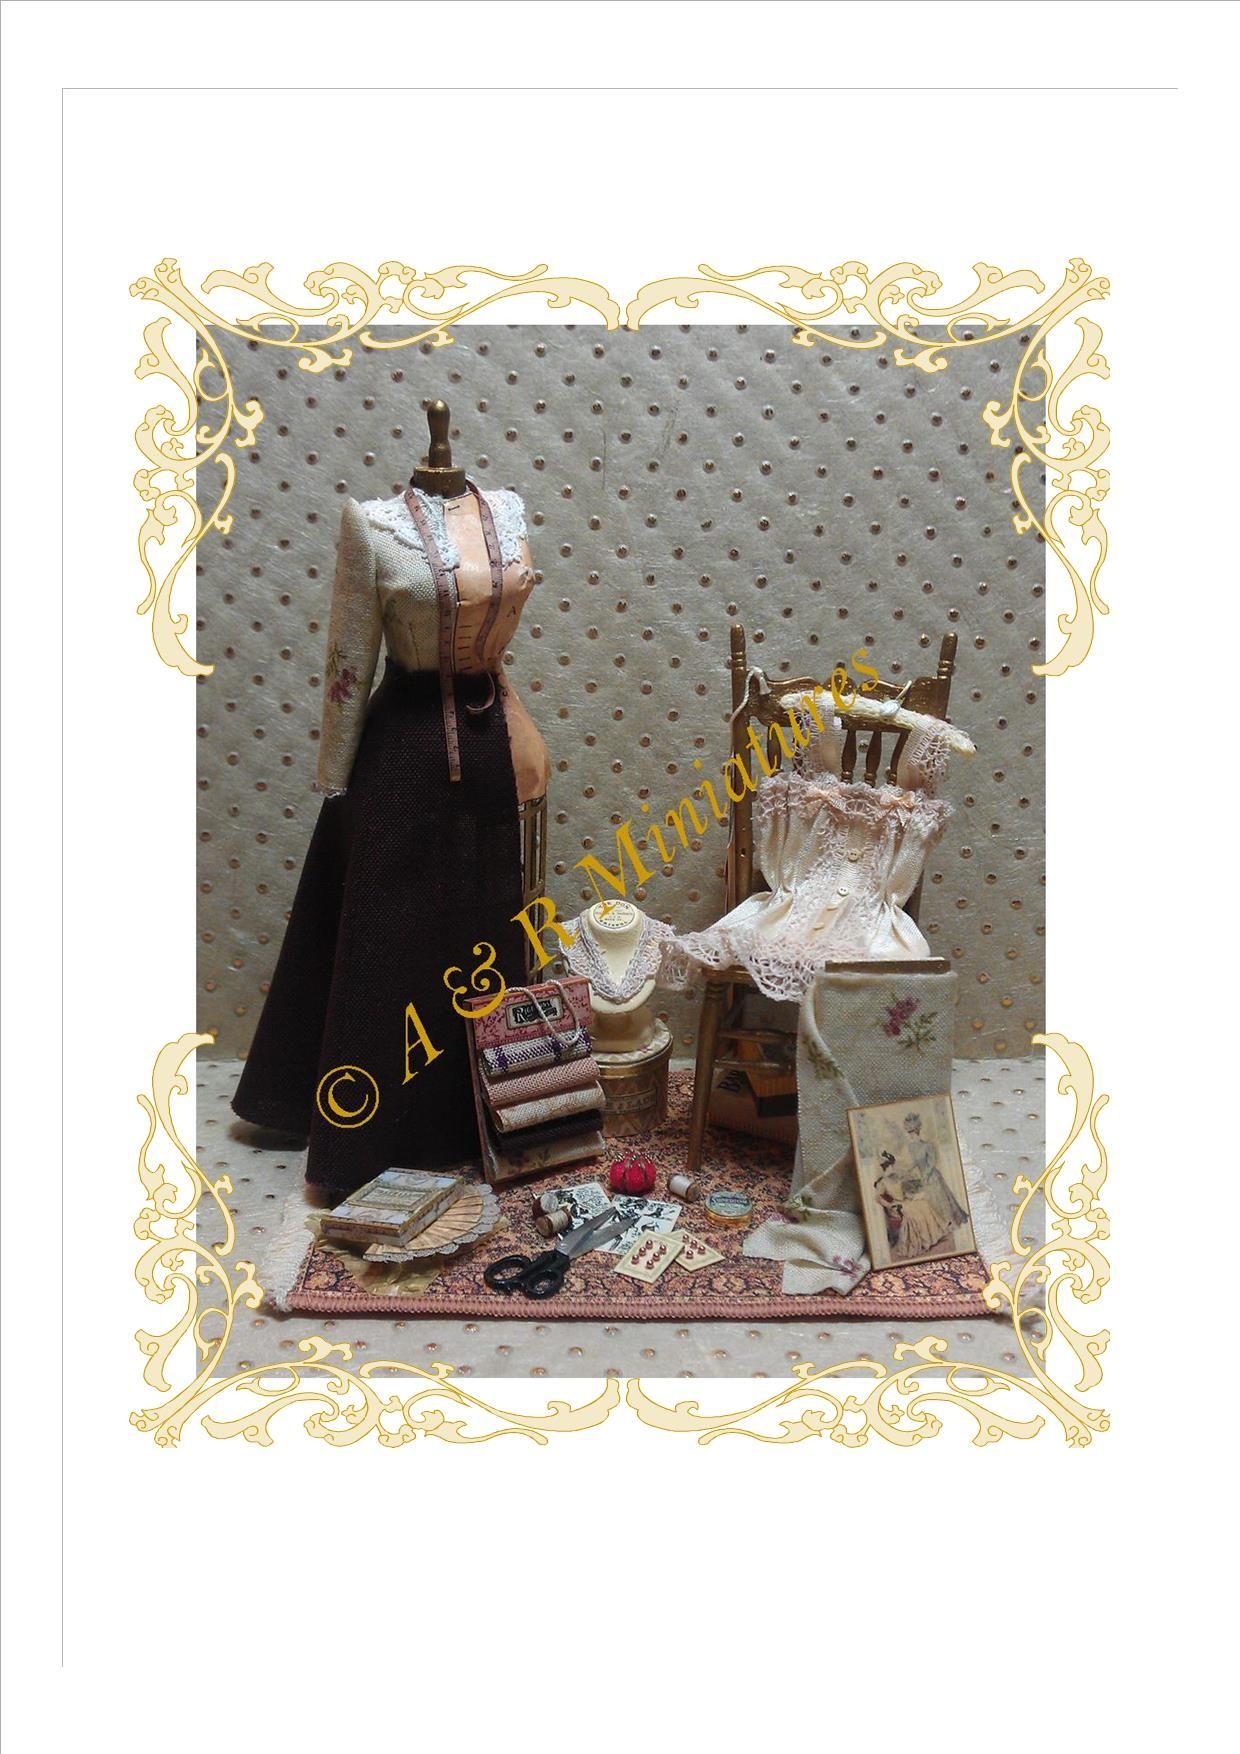 Contador de tienda de estilo vintage mostrar patrones de costura casa de muñecas miniaturas